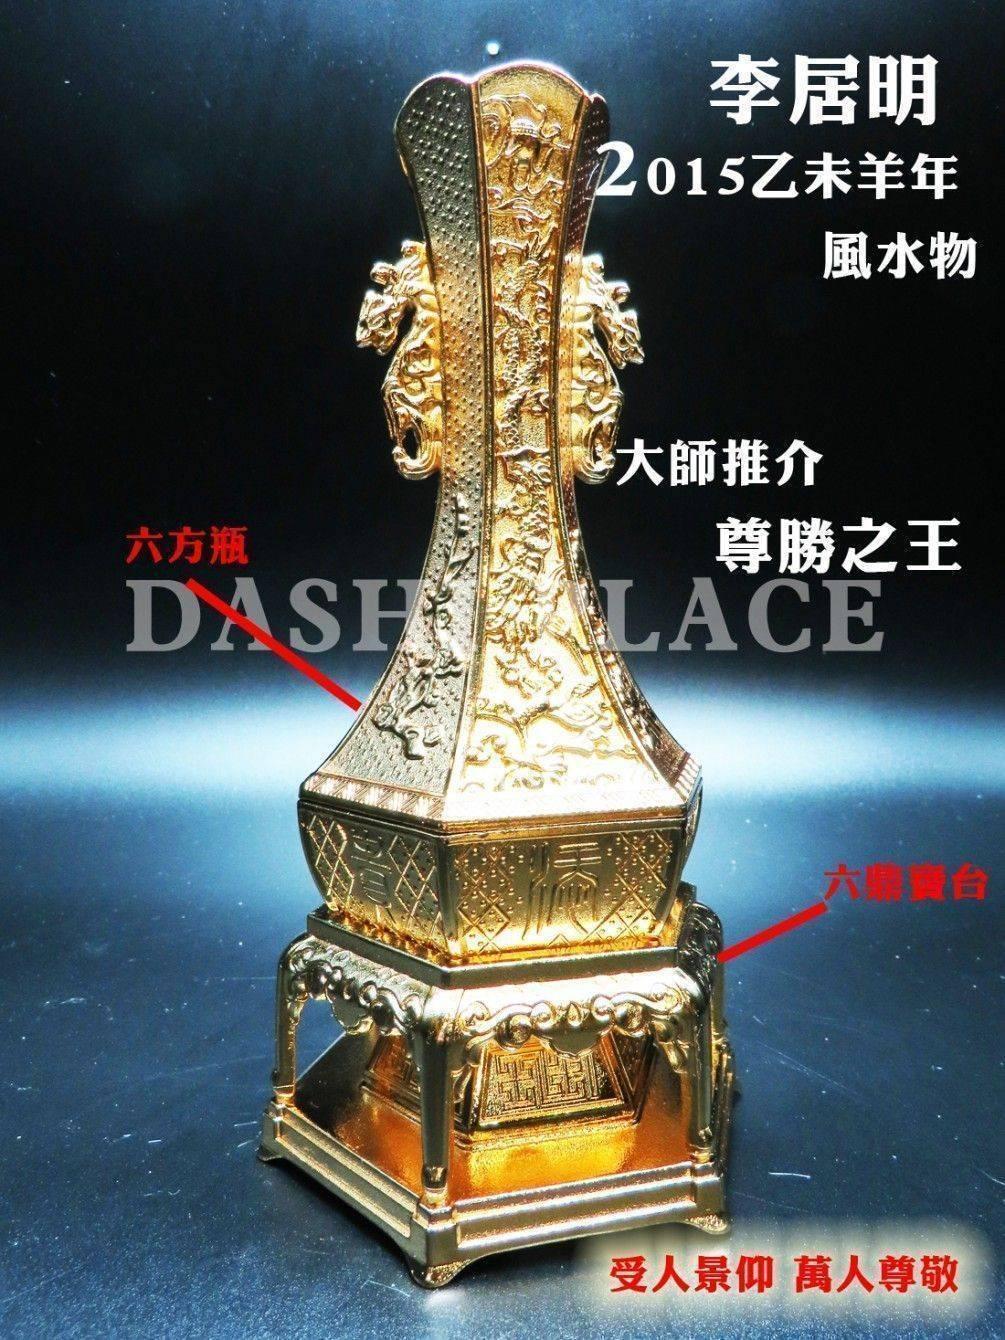 尊勝之王>>>大師推介超強珍品(讓你受人景仰 萬人尊敬)